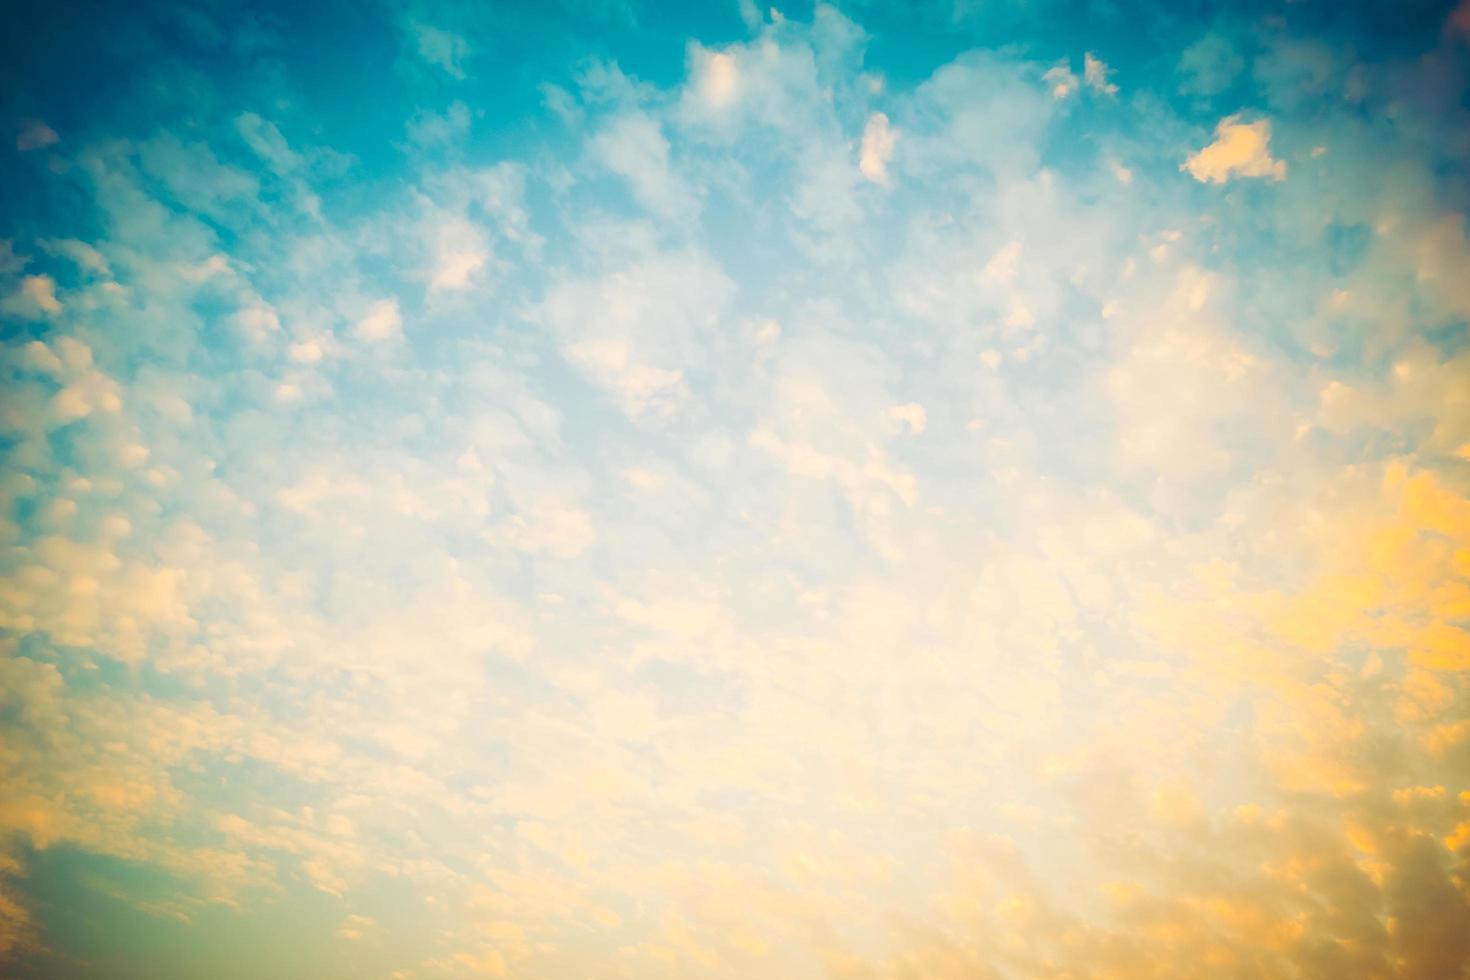 vintage wolk op hemelachtergrond foto